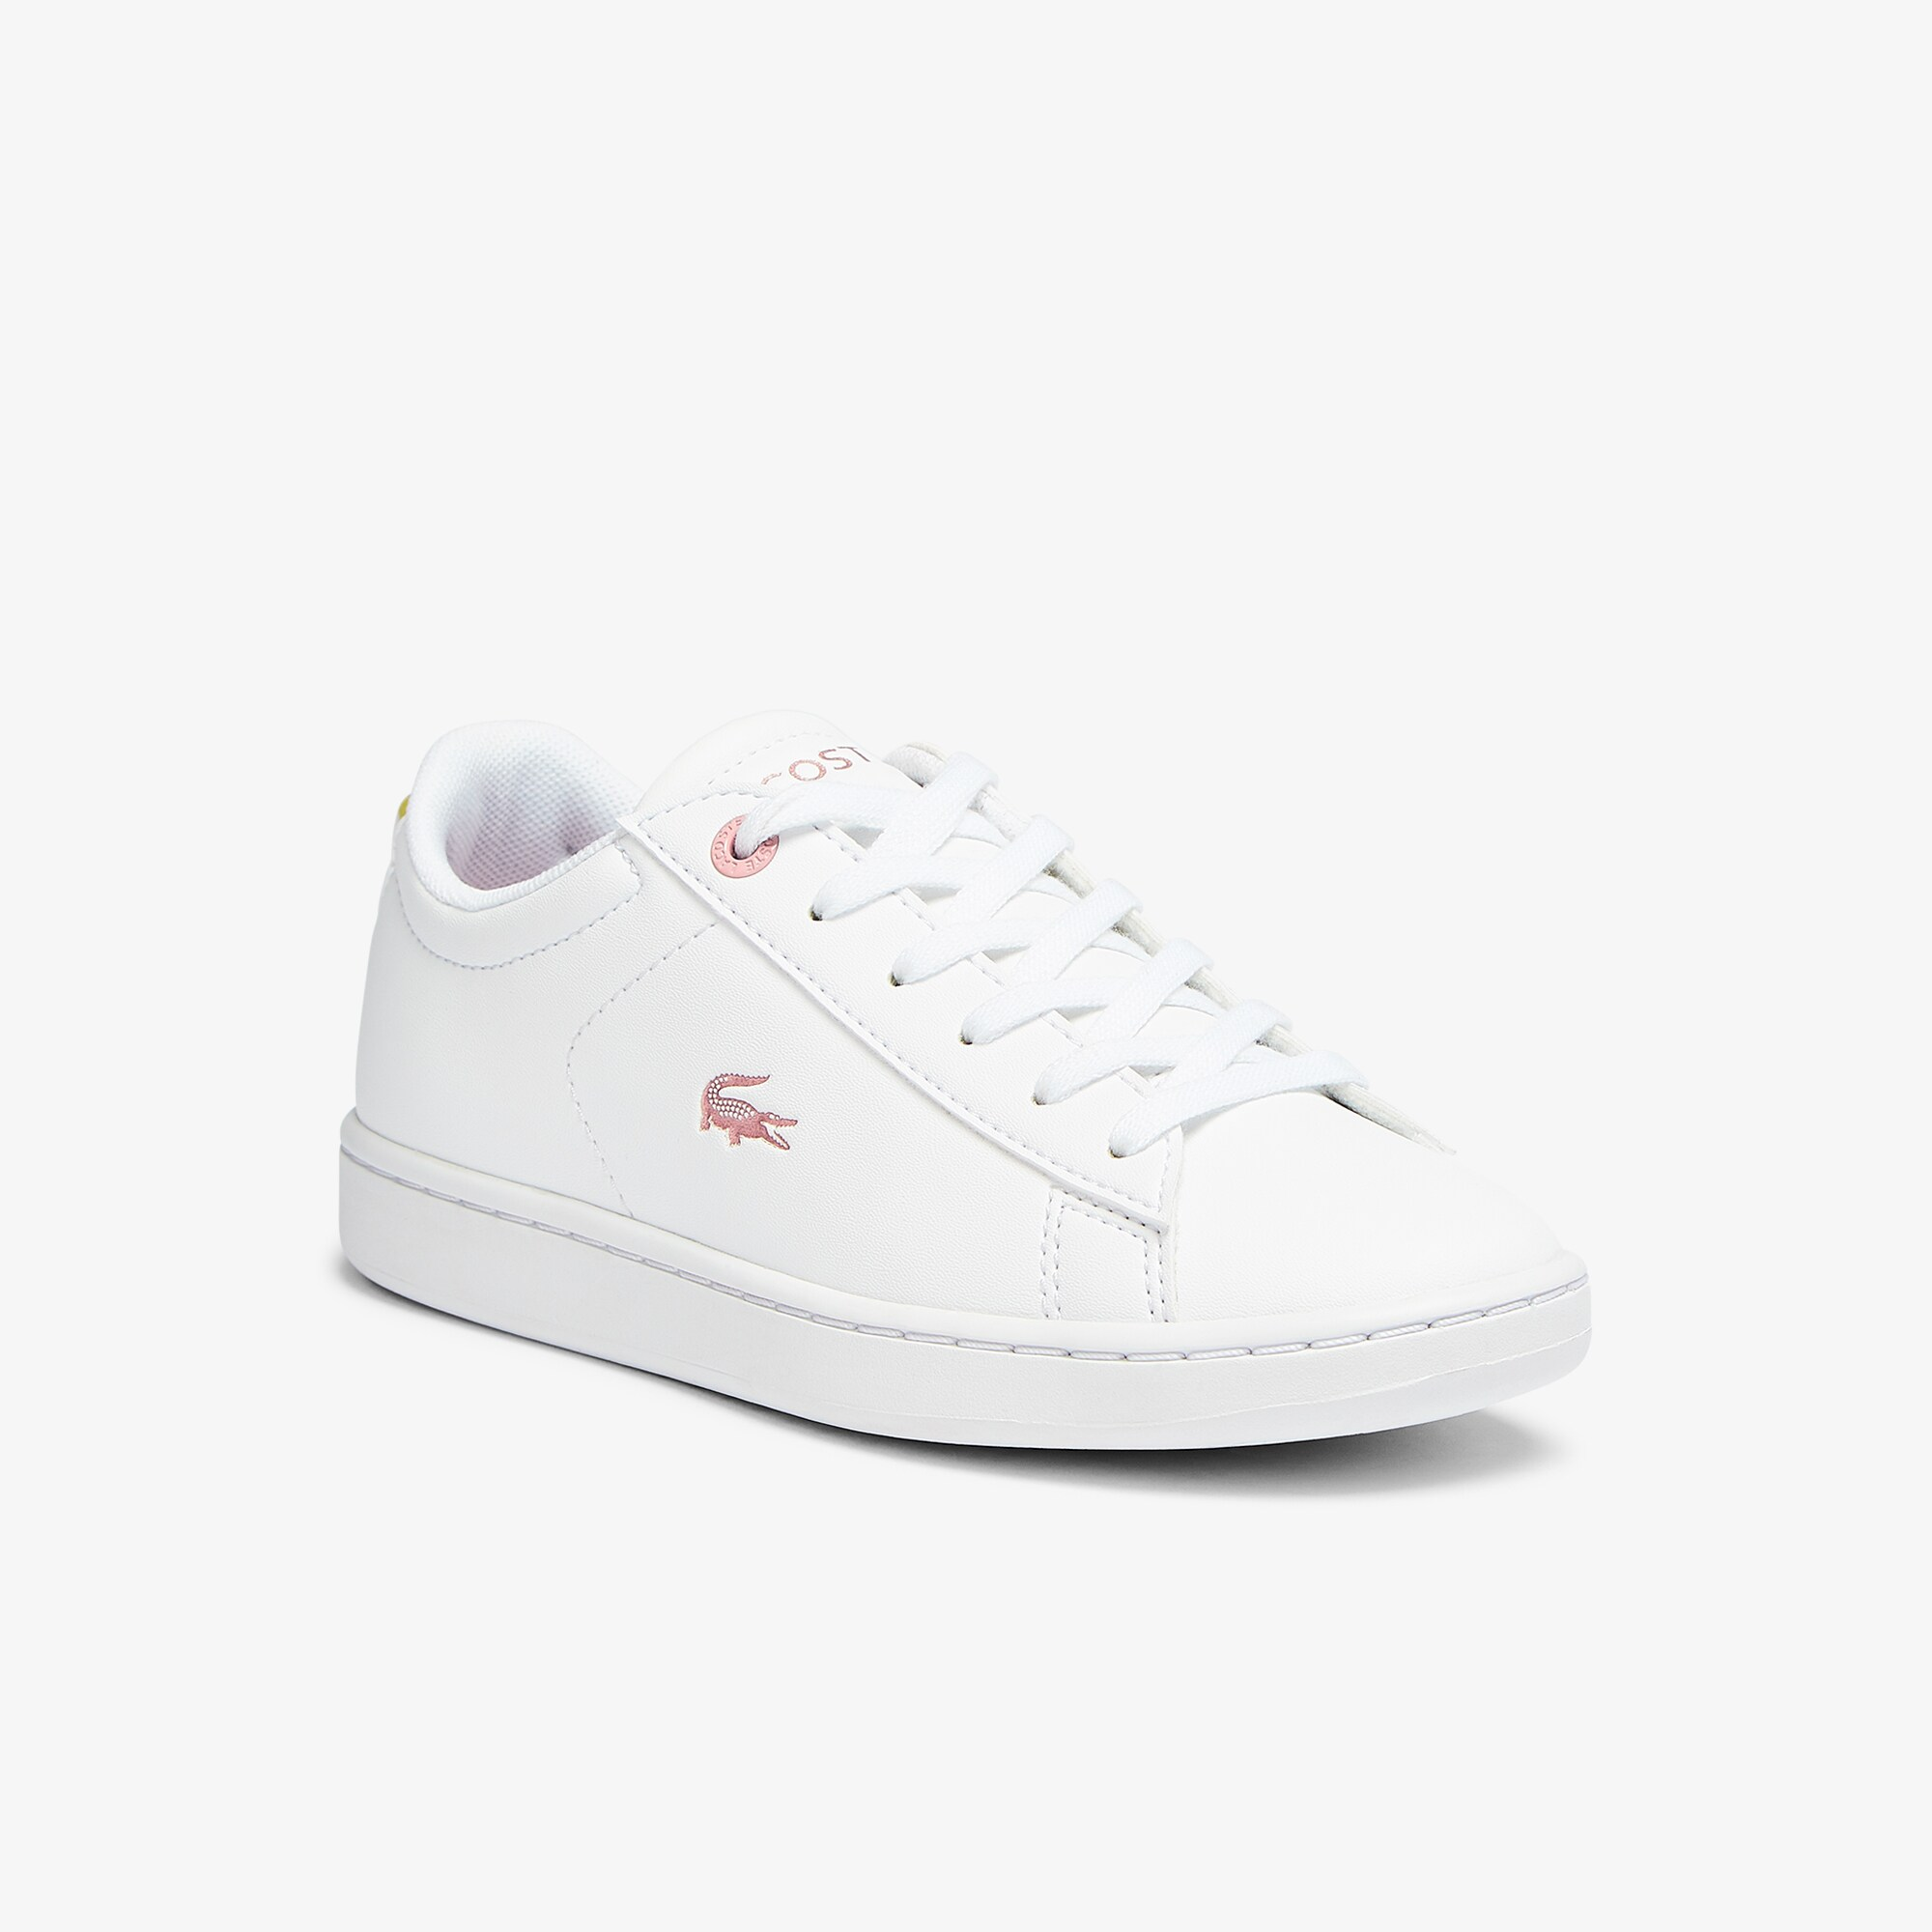 Lacoste Sneakers Carnaby Evo enfant avec détails métallisés Taille 33 Blanc/rose